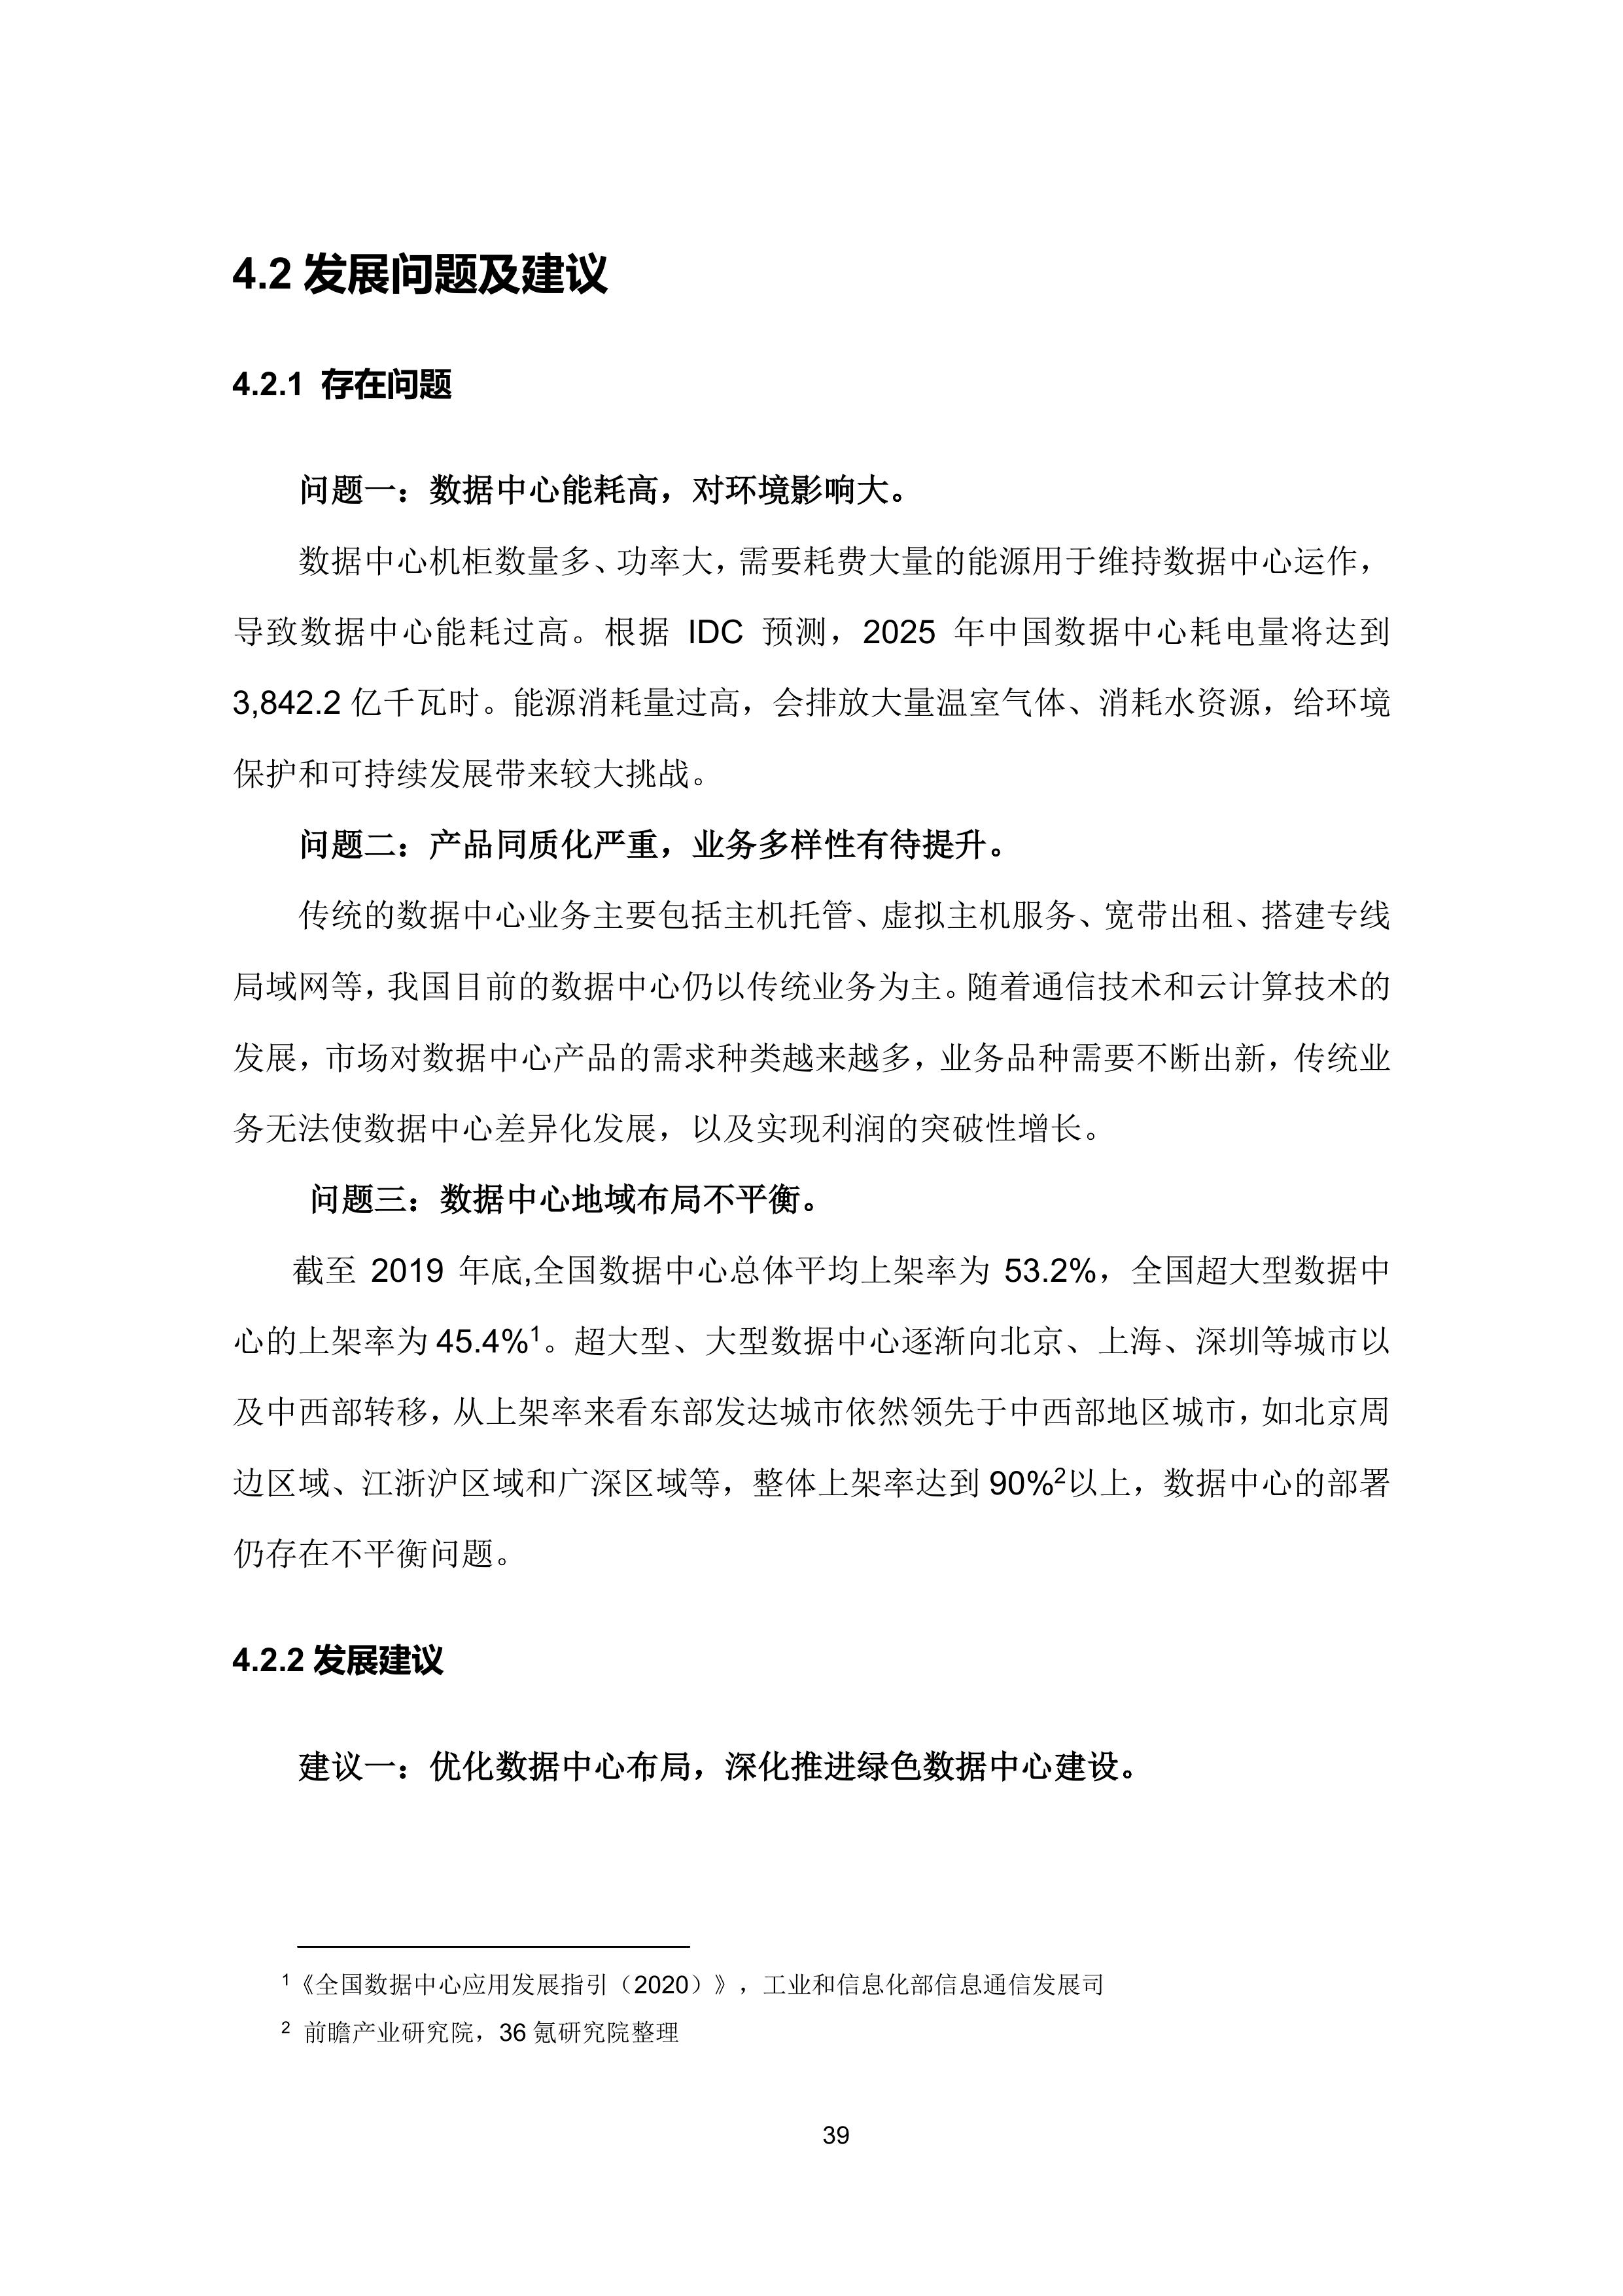 36氪研究院 - 新基建系列之:2020年中国城市数据中心发展指数报告-大菠萝官网(图50)